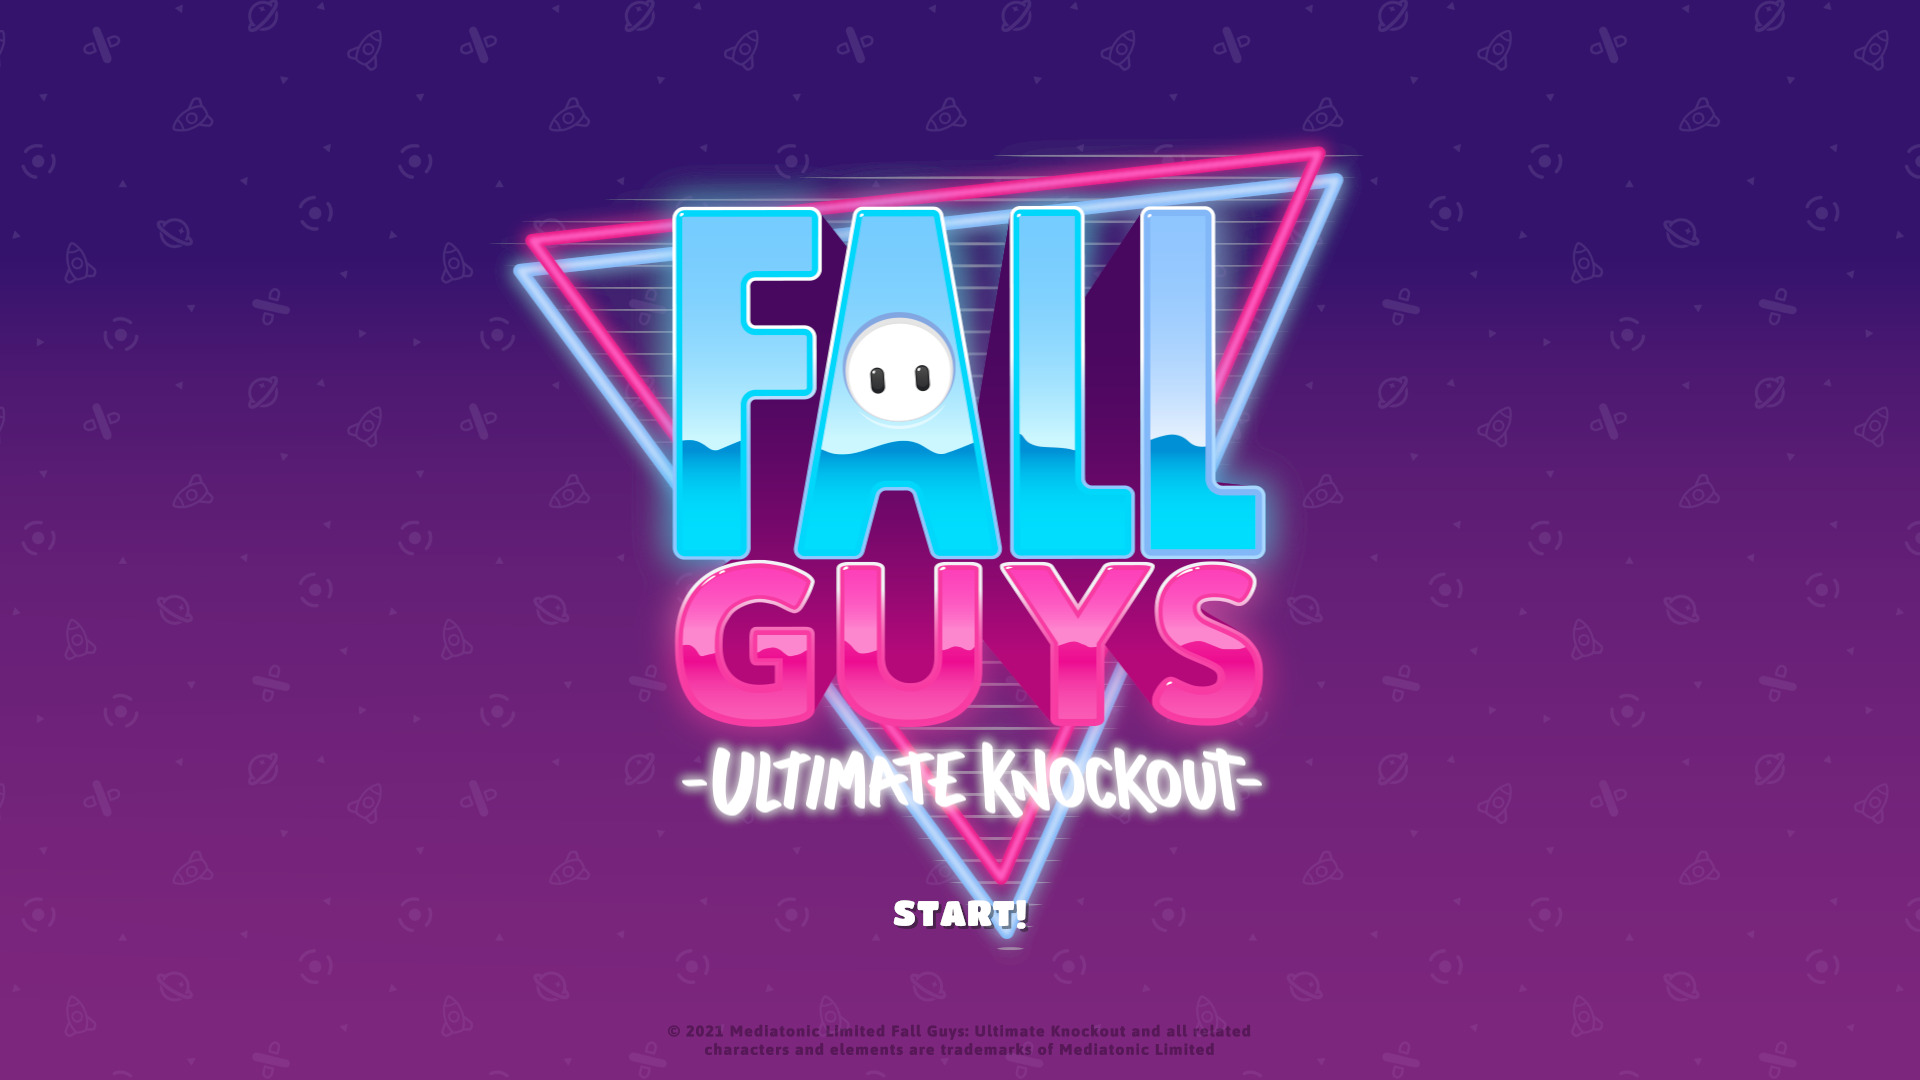 【Fall Guys】シーズン4はいつまで?【フォールガイズ